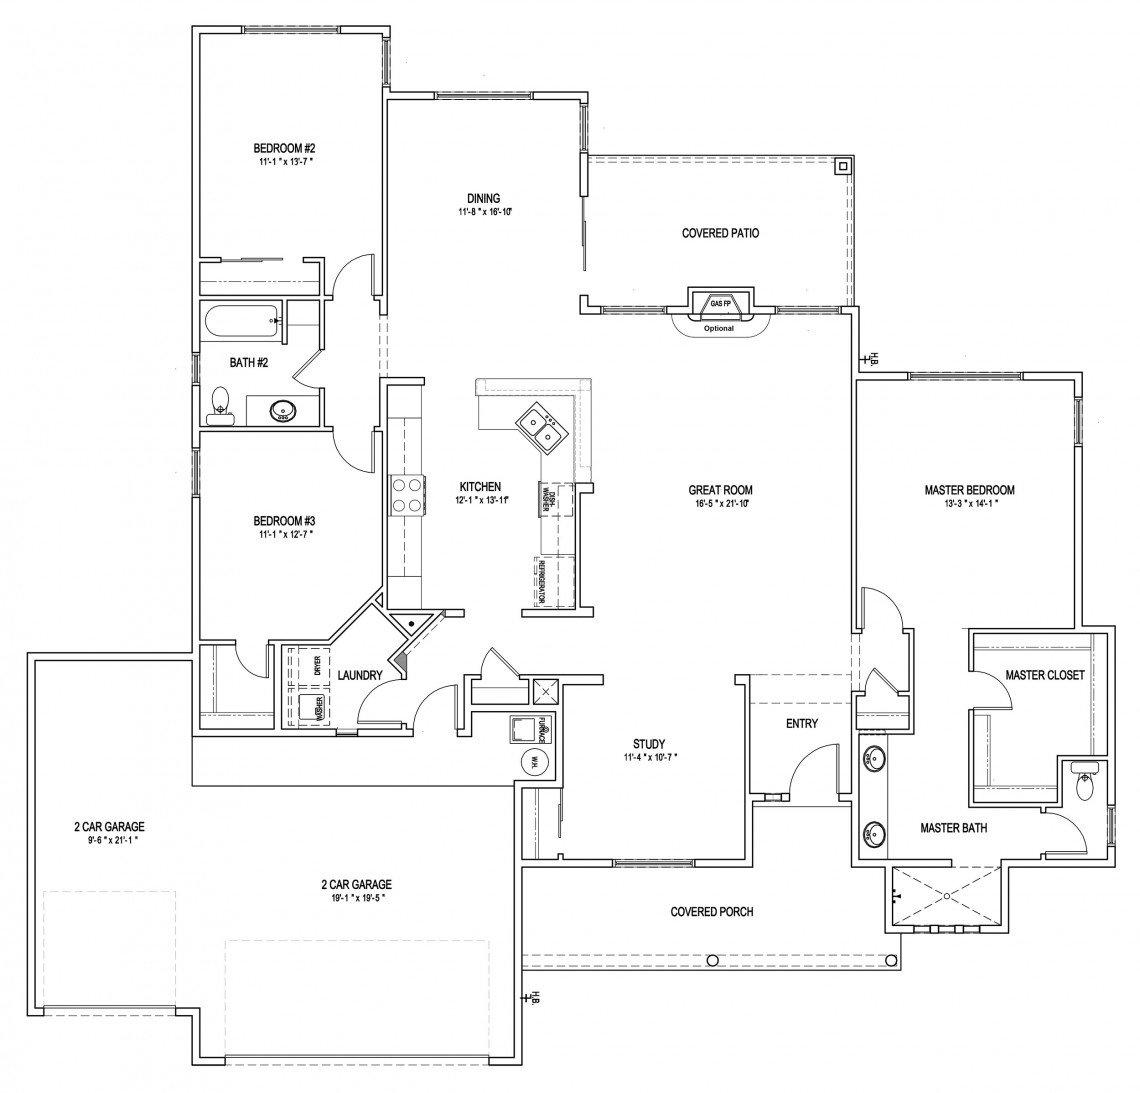 Sunflower Floorplan - 2,008 sq ft